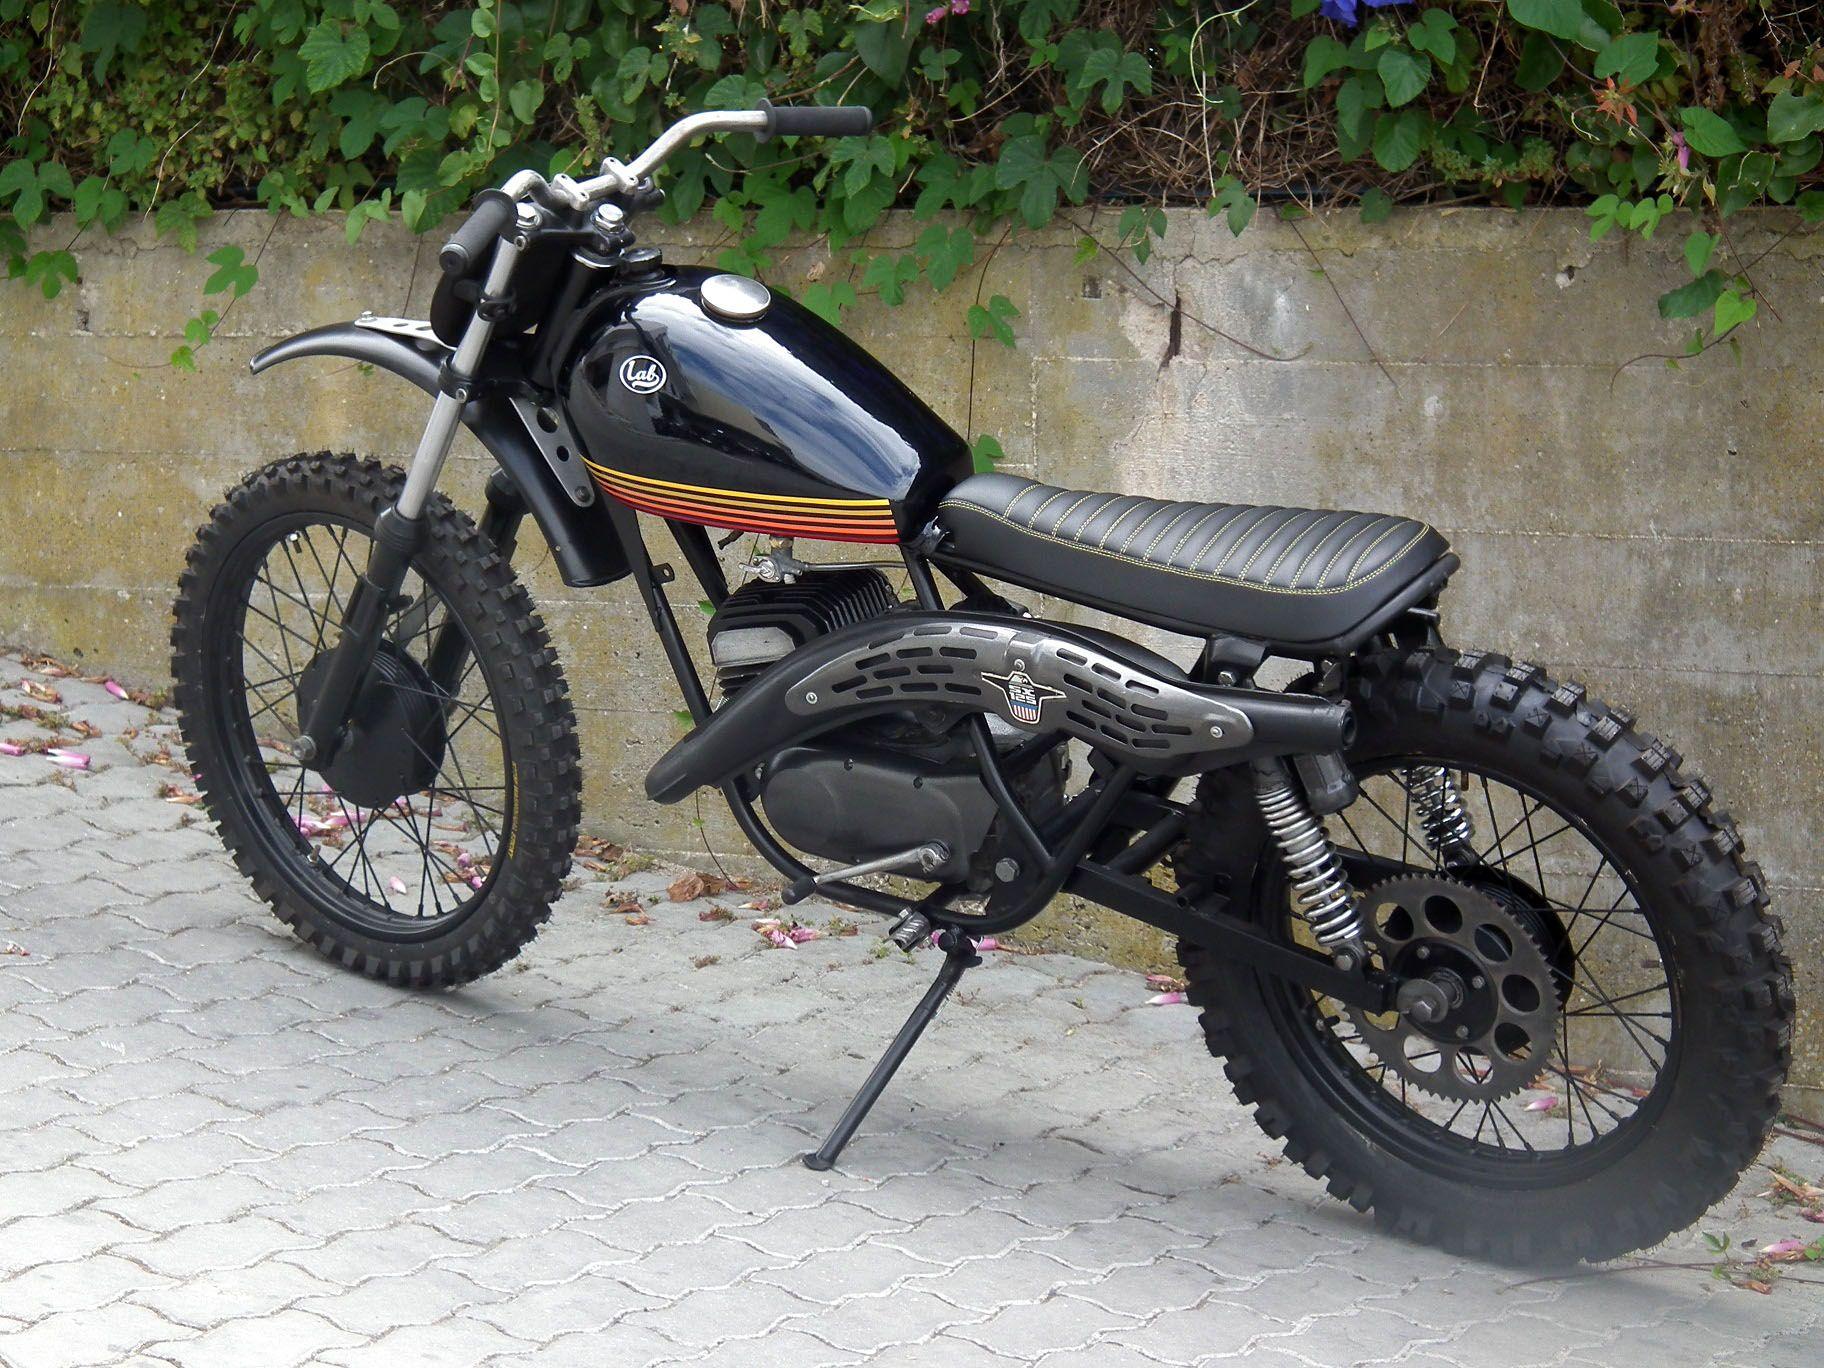 harley davidson sx 125 idea di immagine del motociclo. Black Bedroom Furniture Sets. Home Design Ideas